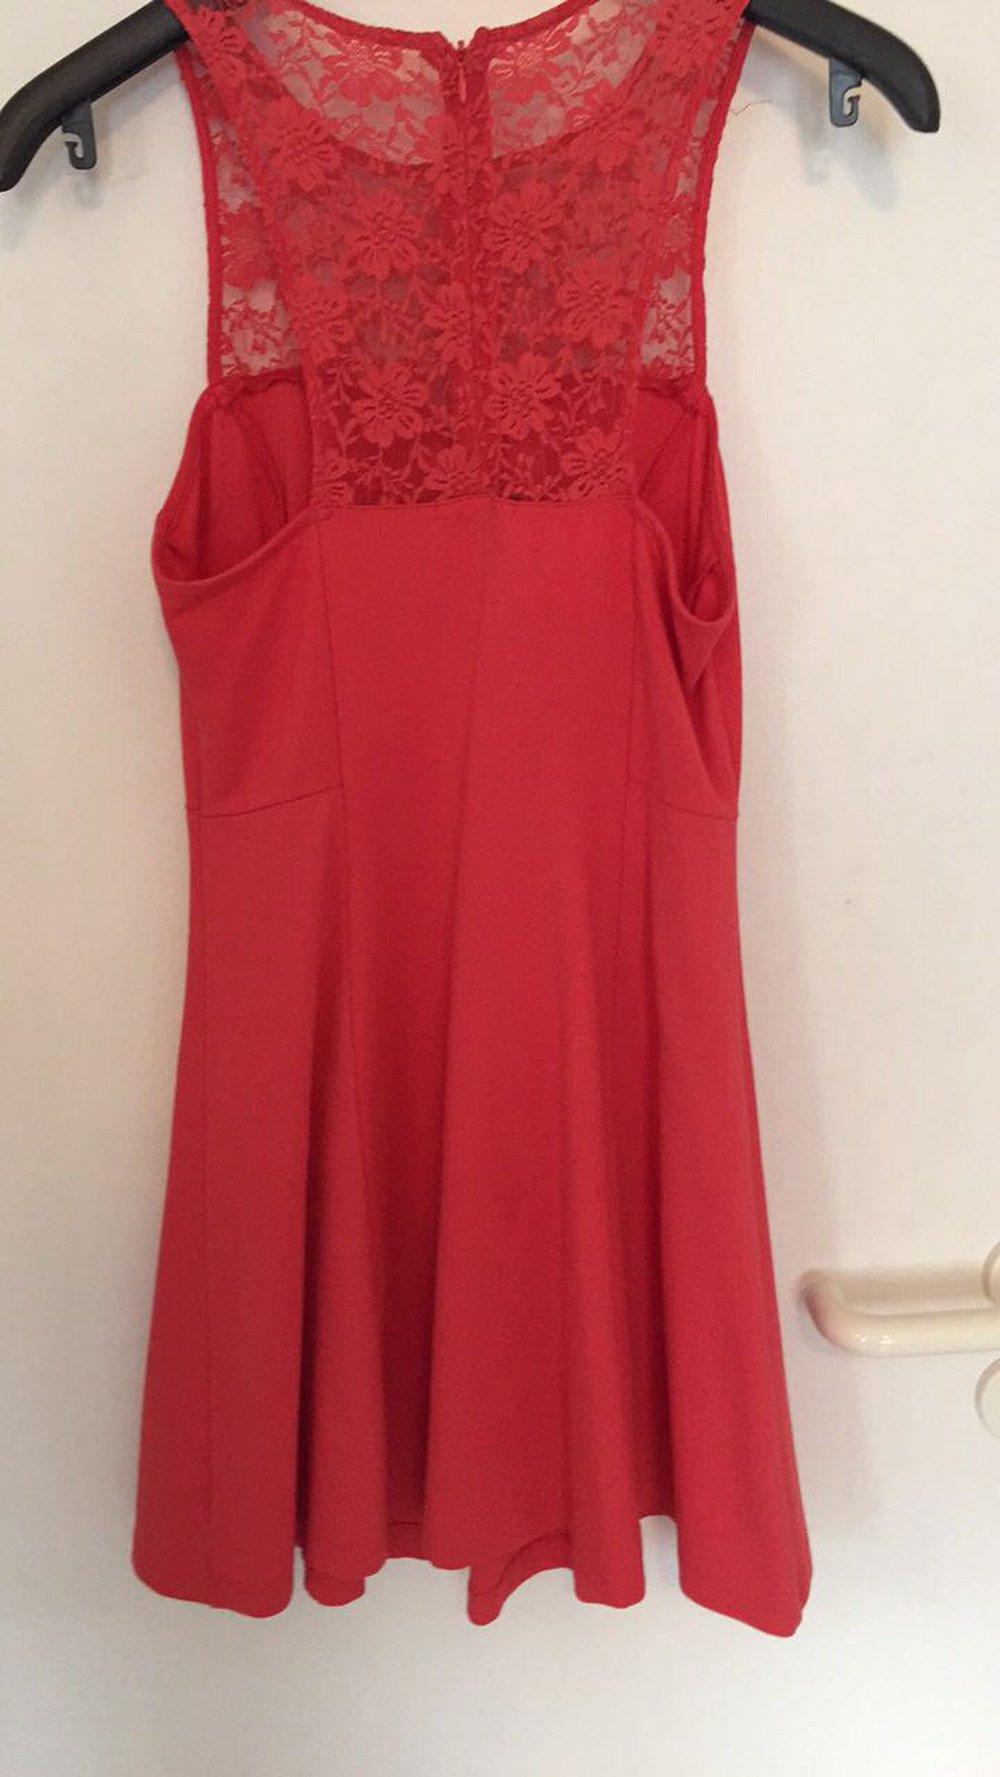 10 Kreativ Rotes Kleid Mit Spitze GalerieAbend Wunderbar Rotes Kleid Mit Spitze Galerie